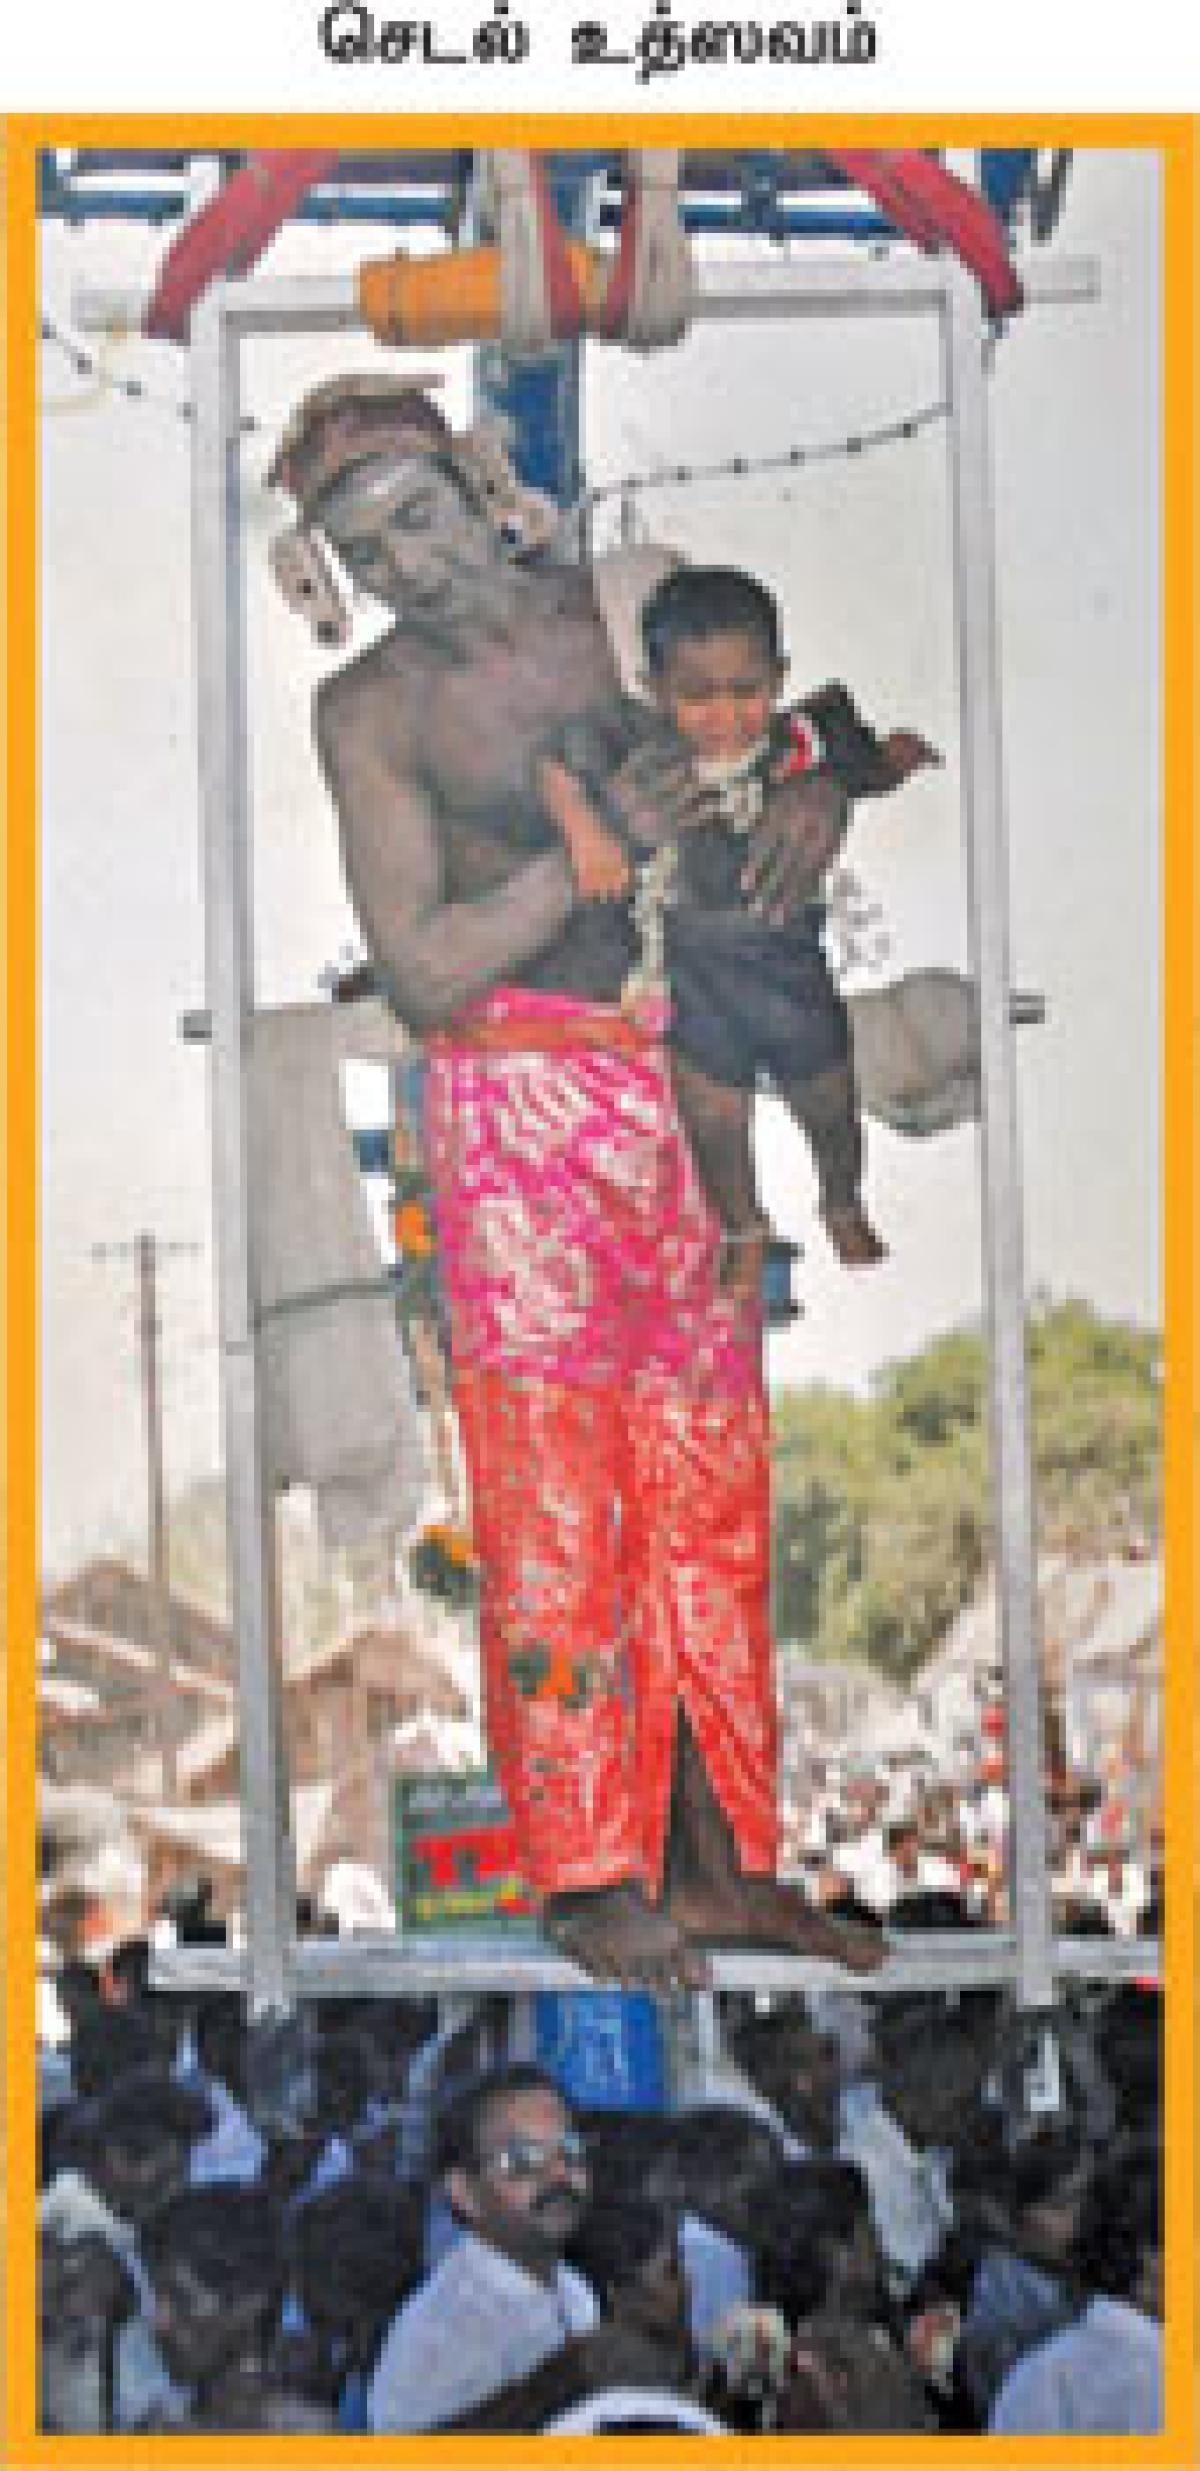 நித்தமும் துணைக்கு வருவாள் நெல்லுக்கடை மாரியம்மன்!